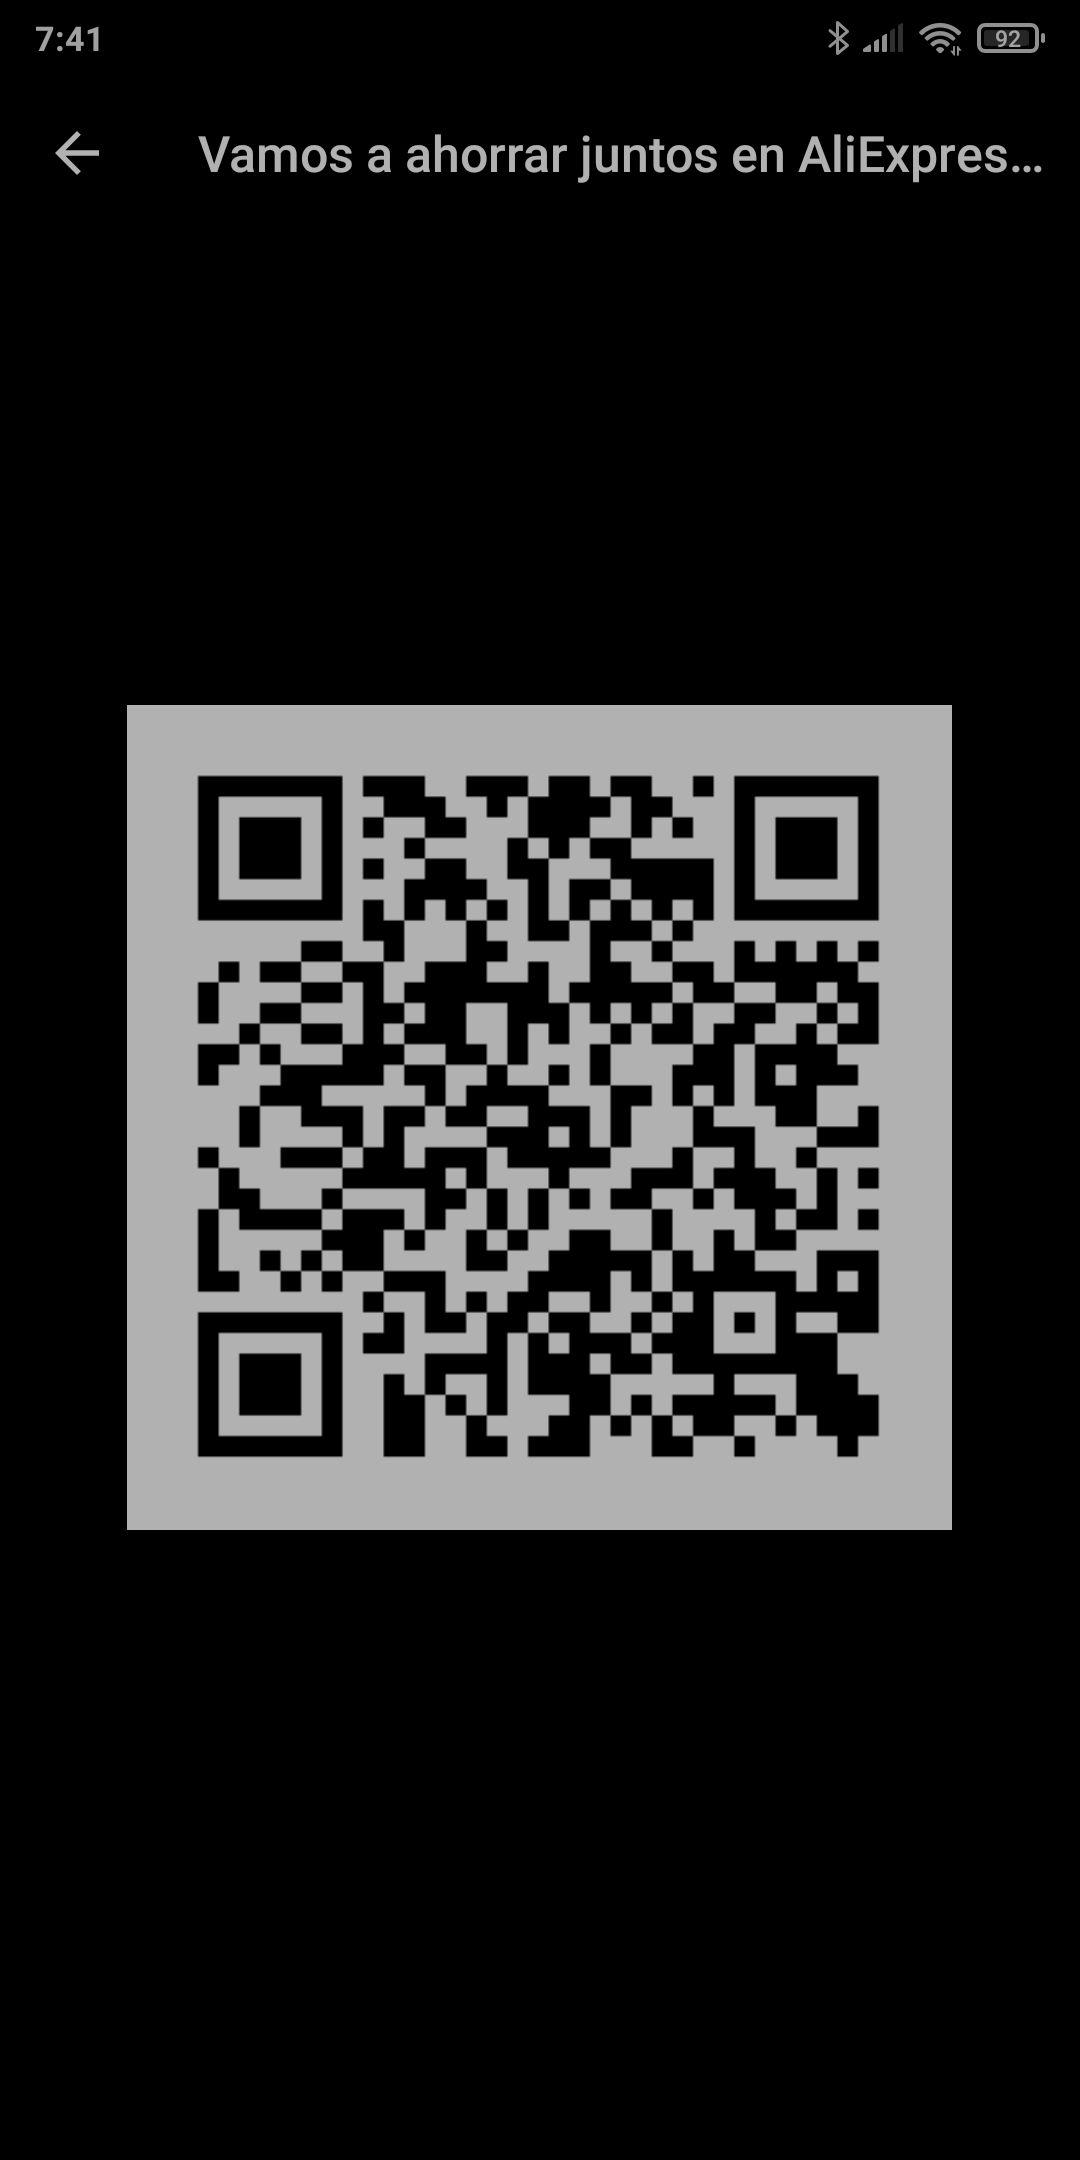 3851657.jpg